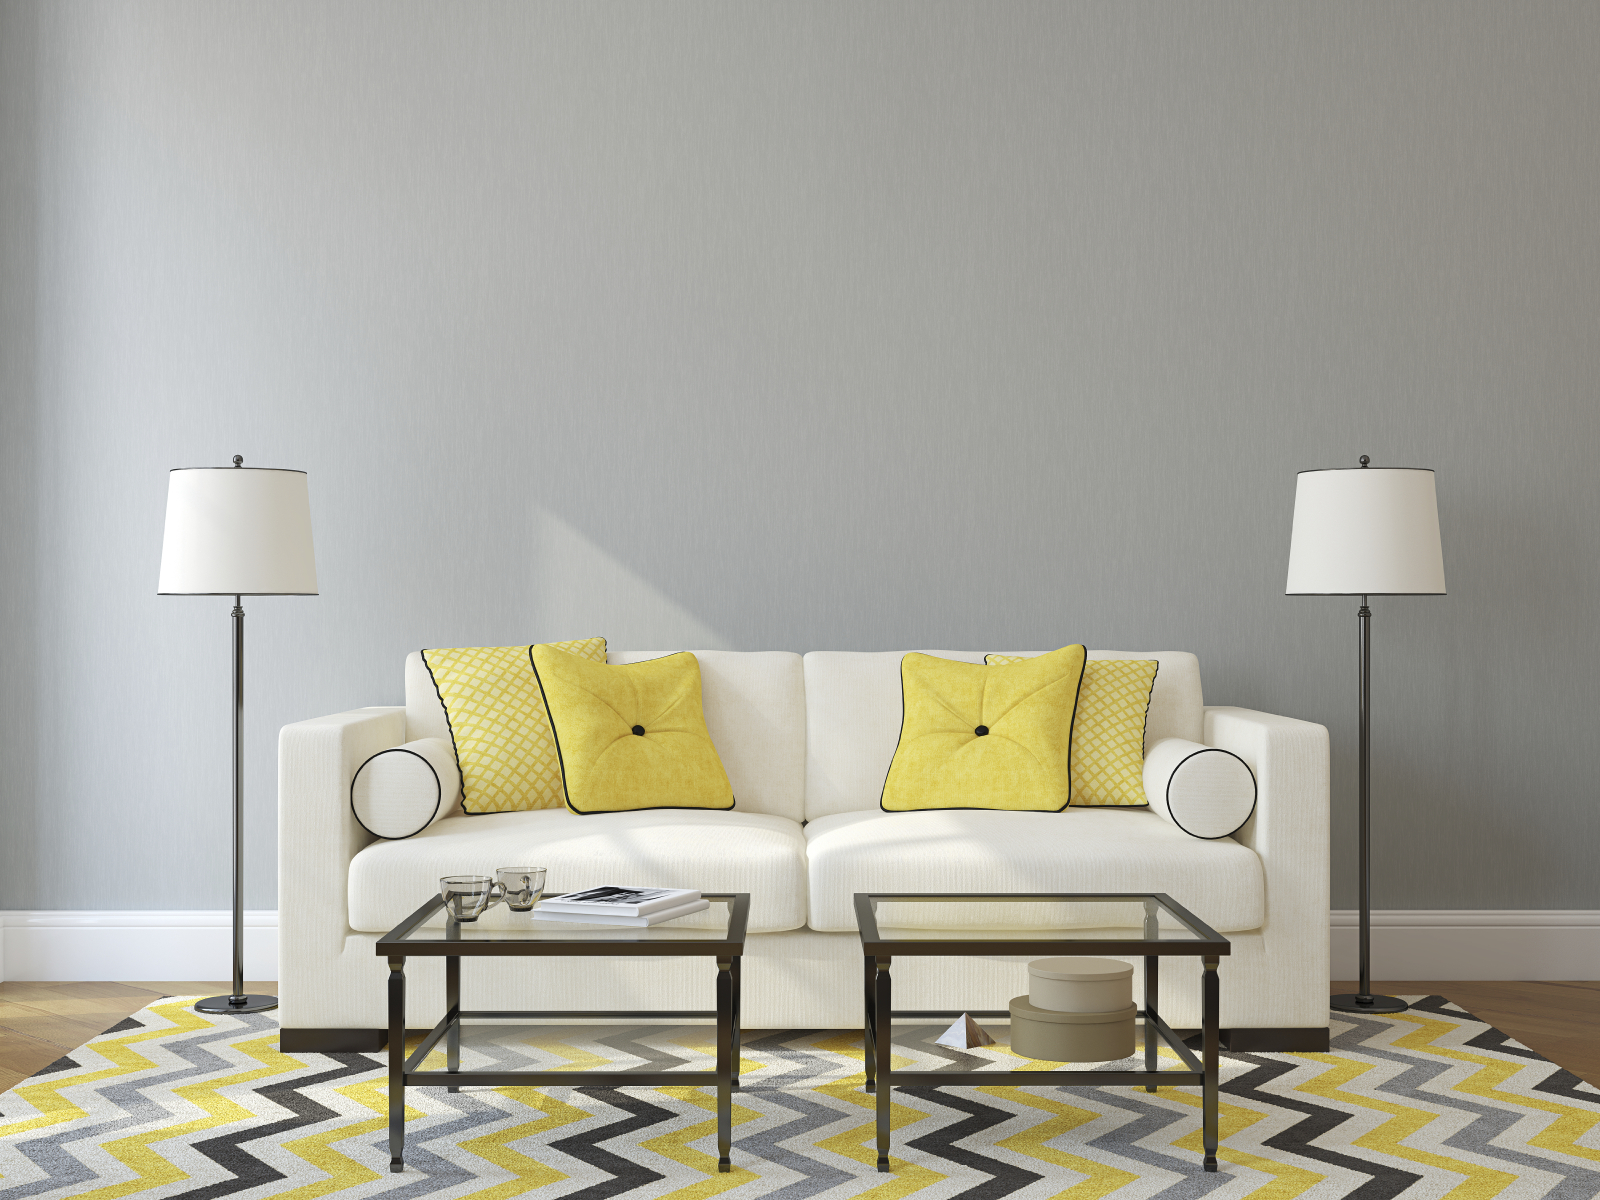 I trucchi per arredare un piccolo soggiorno - Casa.it